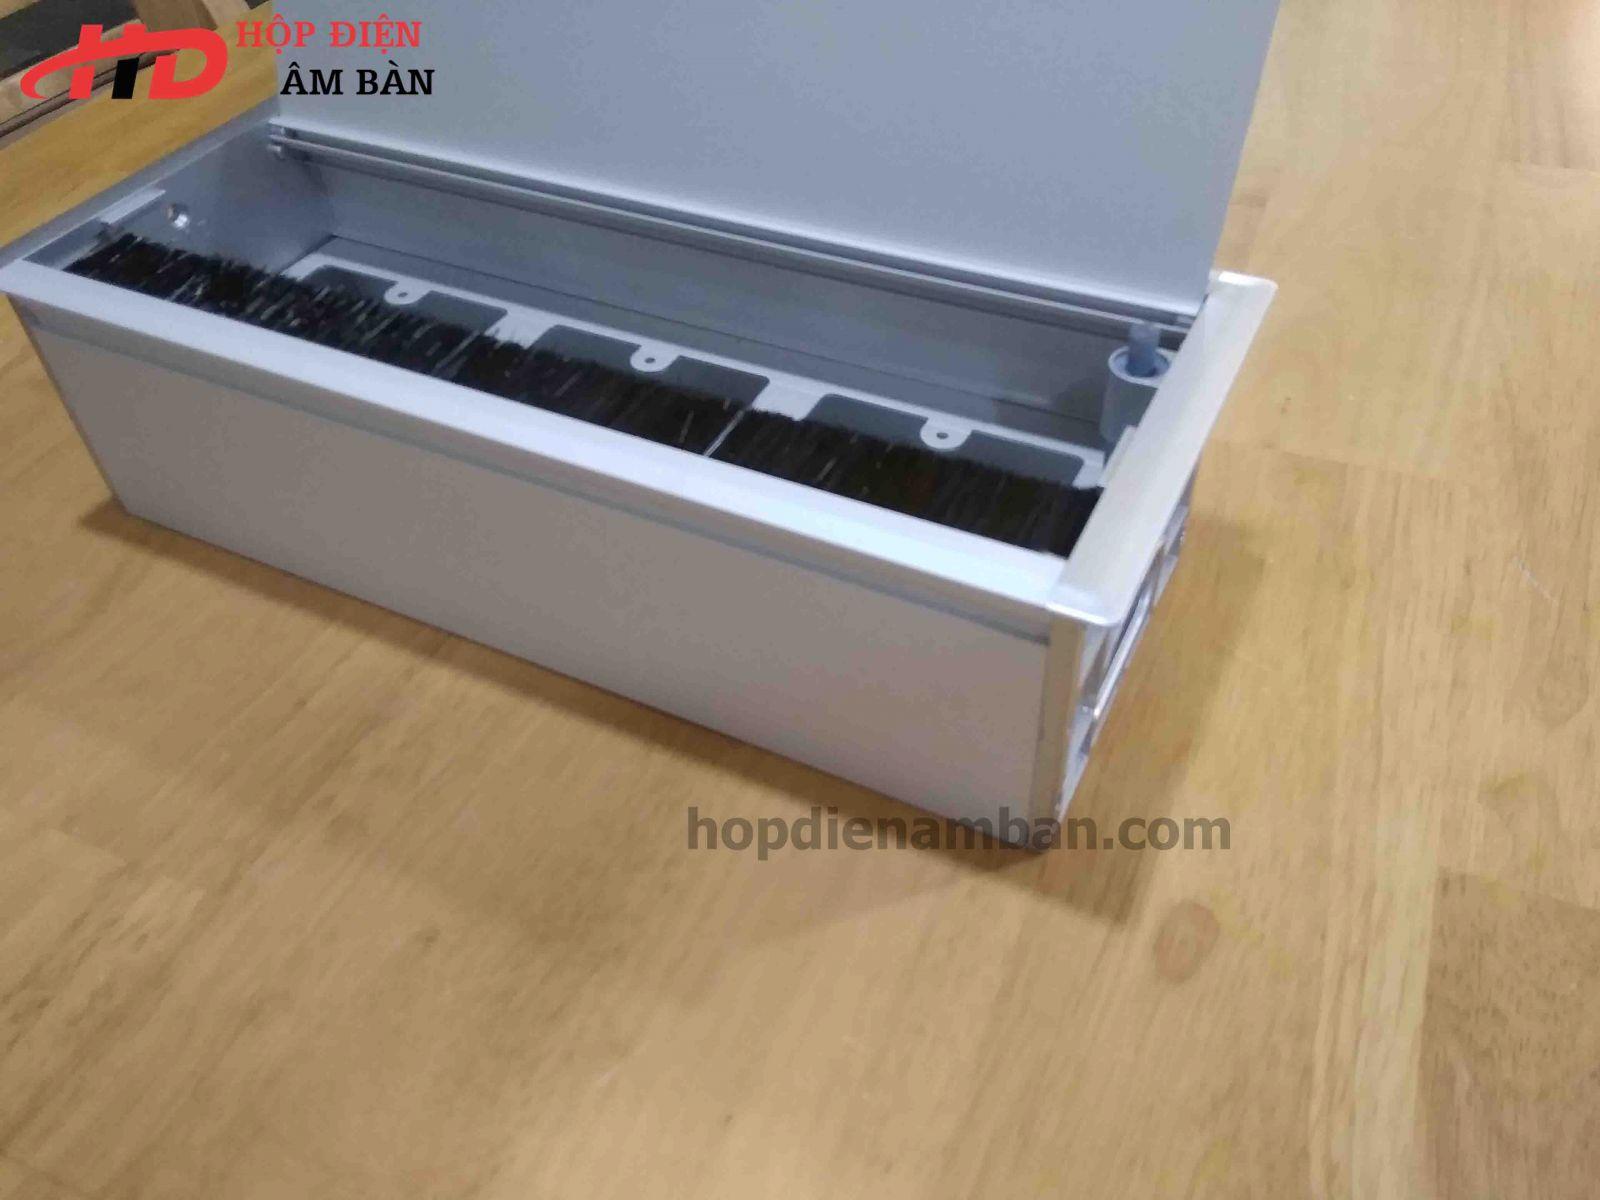 Hộp điện âm bàn có đế COB10v2-3